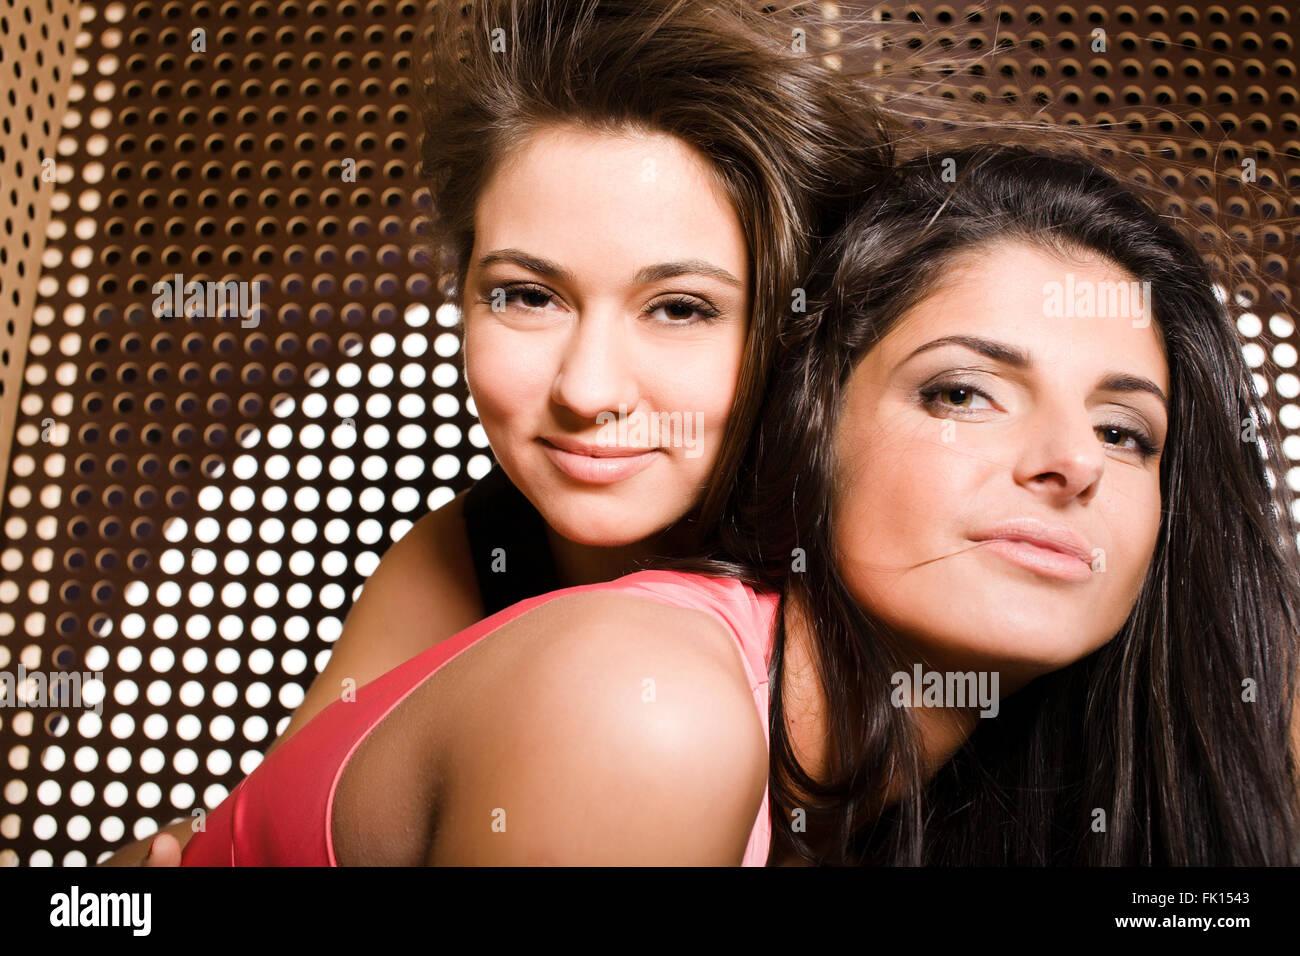 zwei hübsche Freundinnen im Party tanzen schließen sich lächelnd ...